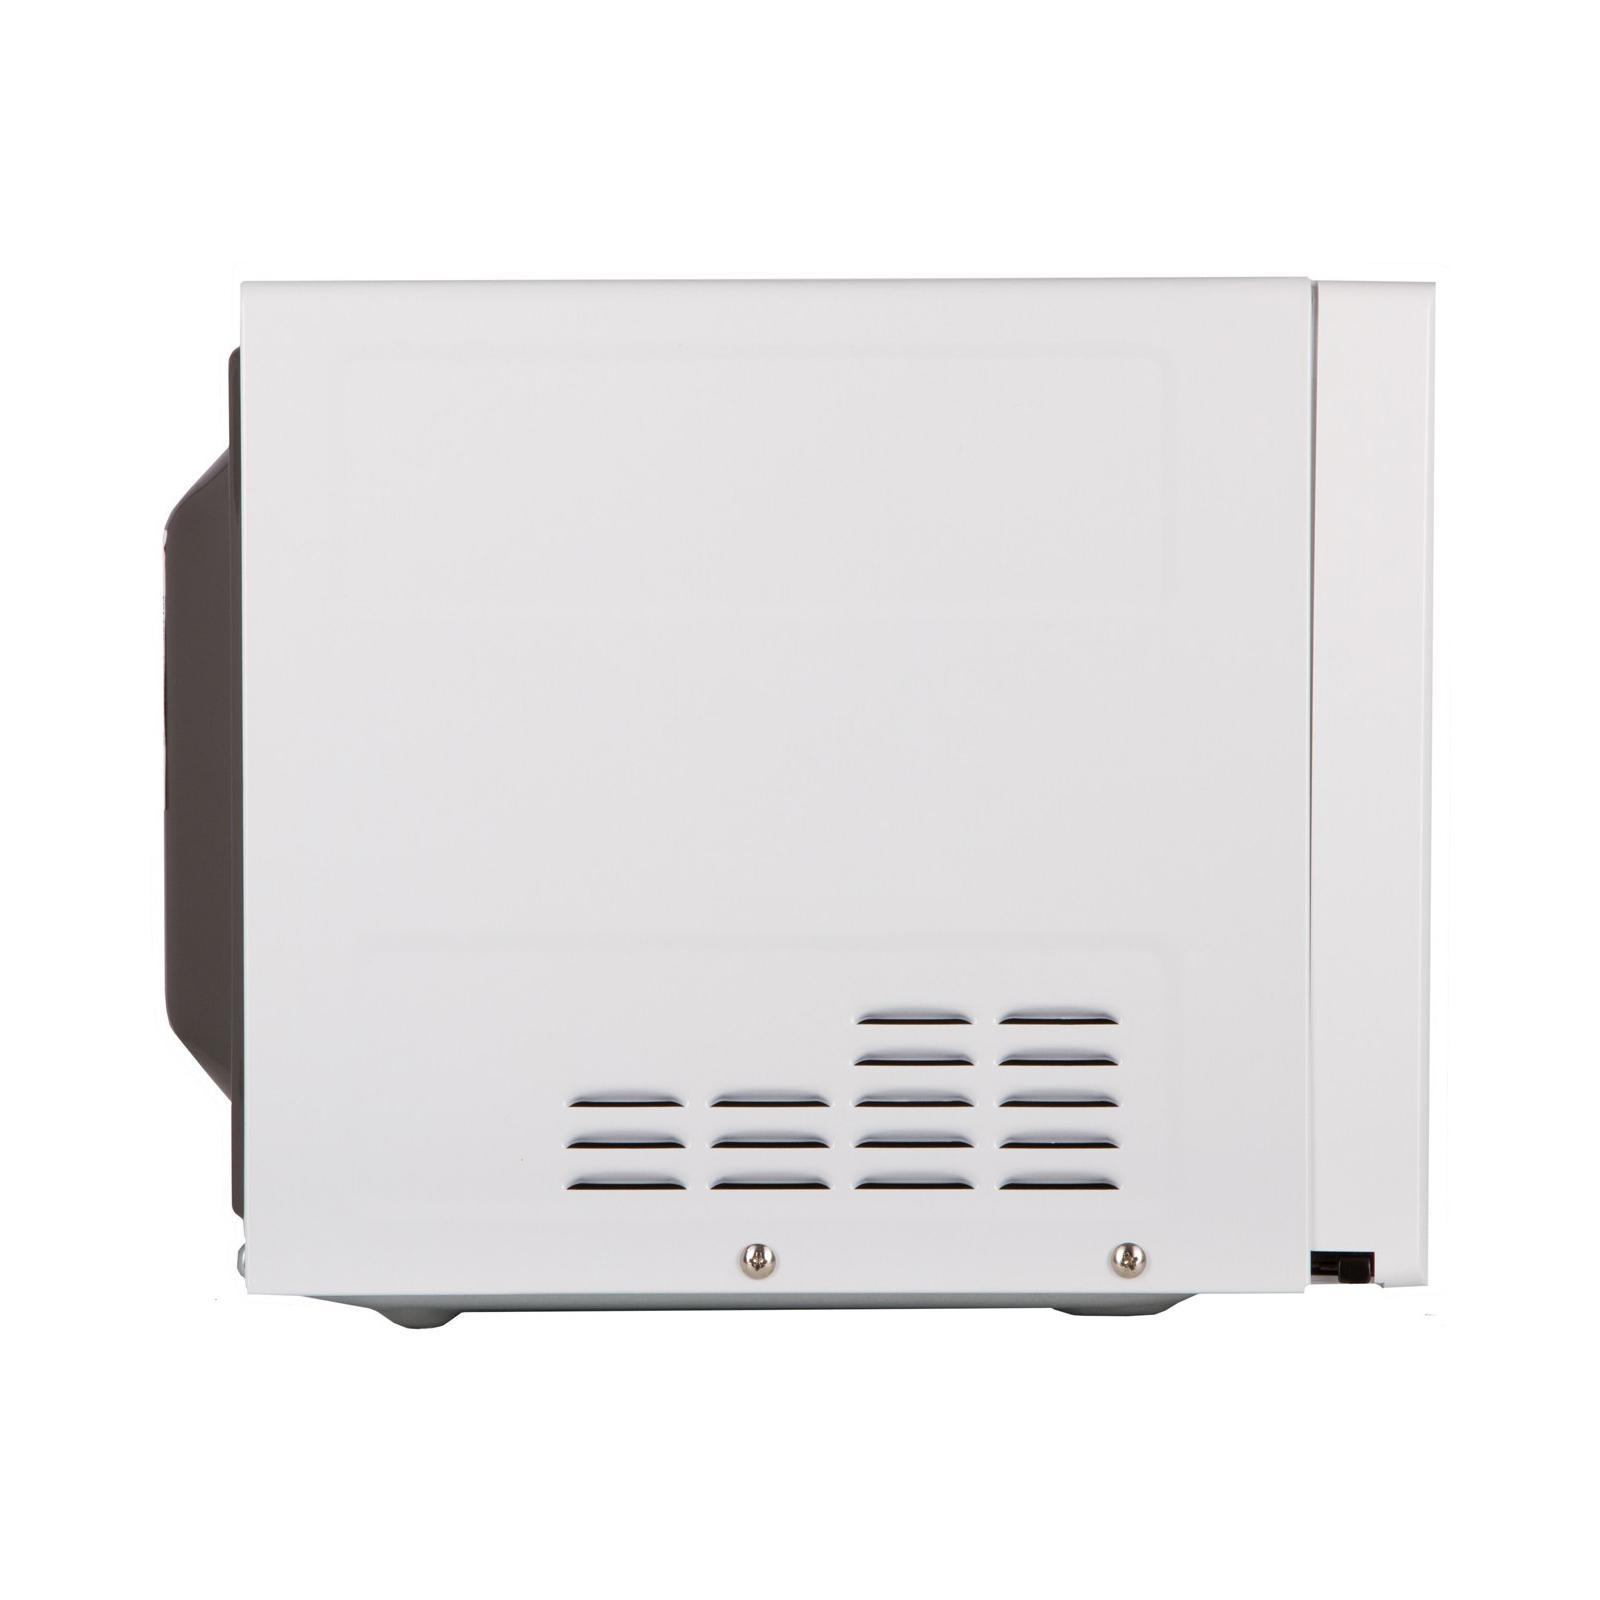 Микроволновая печь LG MS-2042DY (MS2042DY) изображение 5